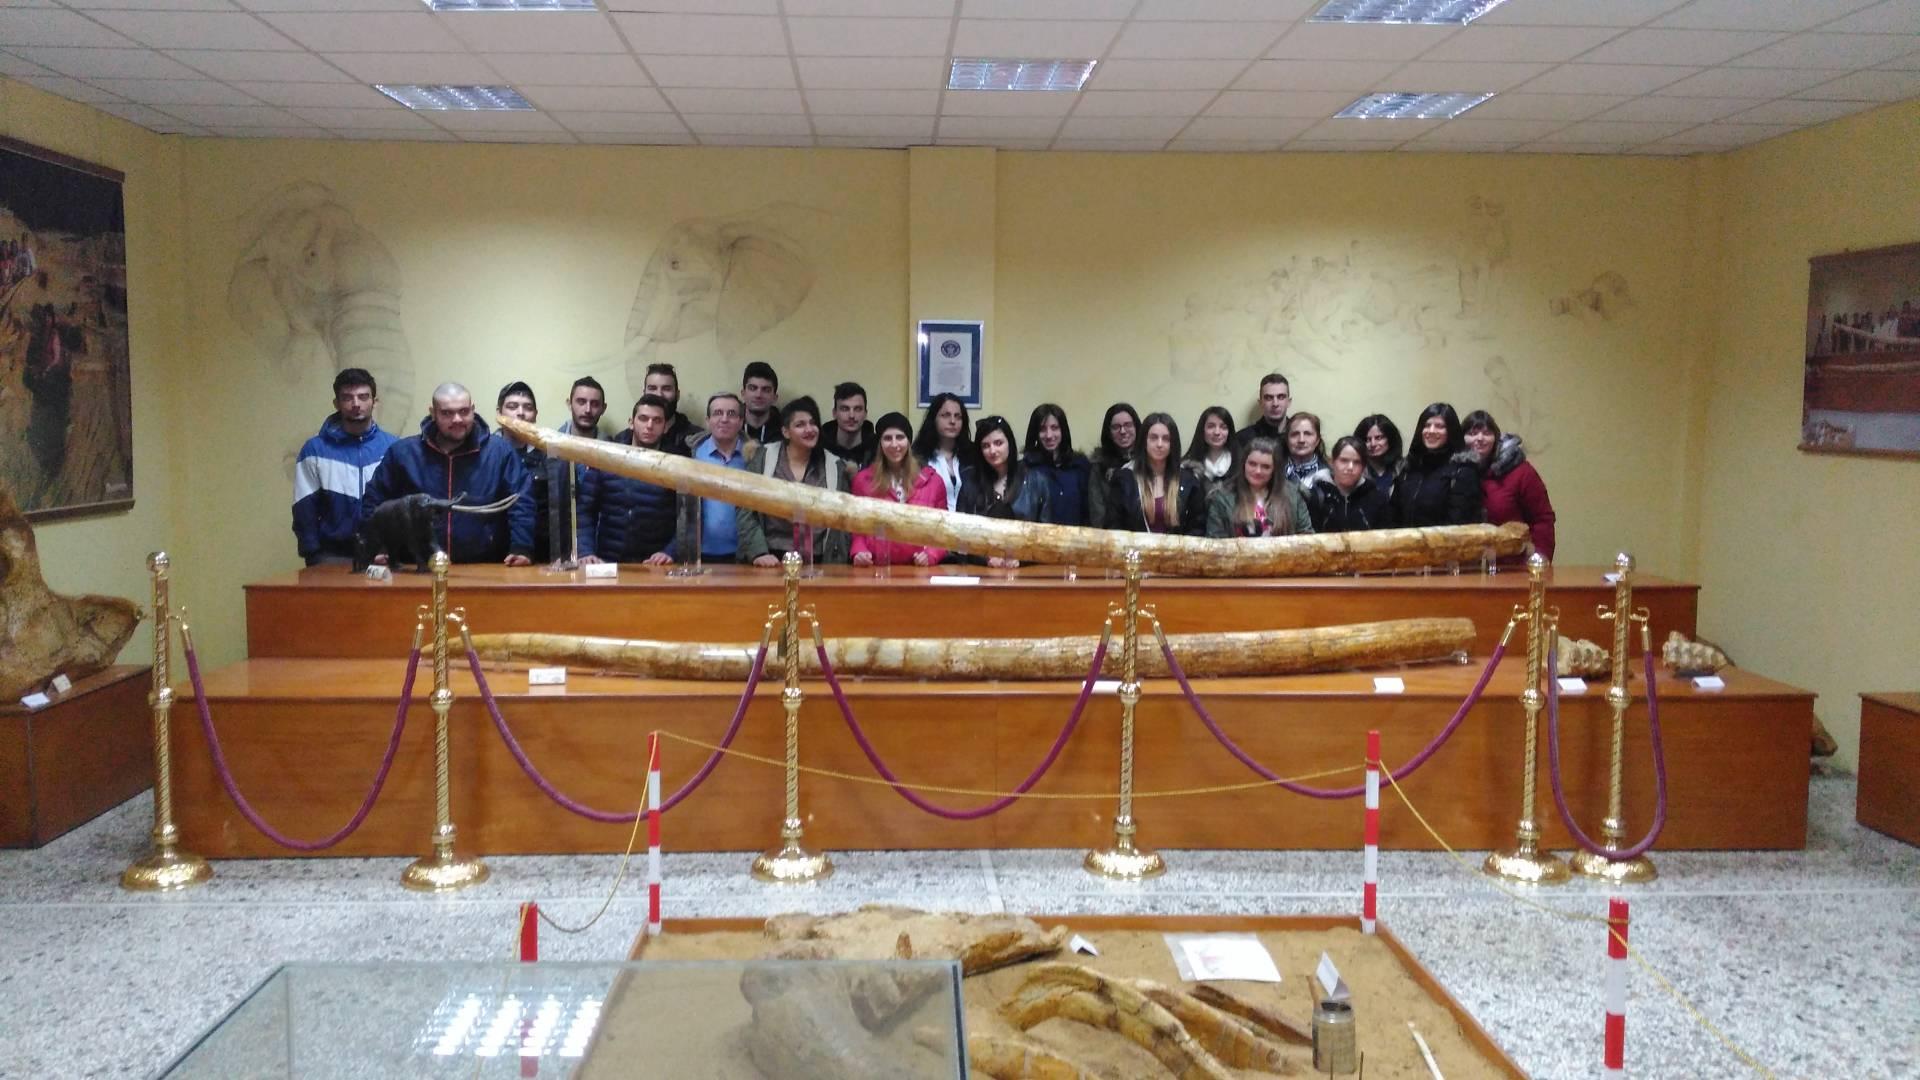 Ευχαριστήριο των μαθητών του ΙΕΚ Γρεβενών